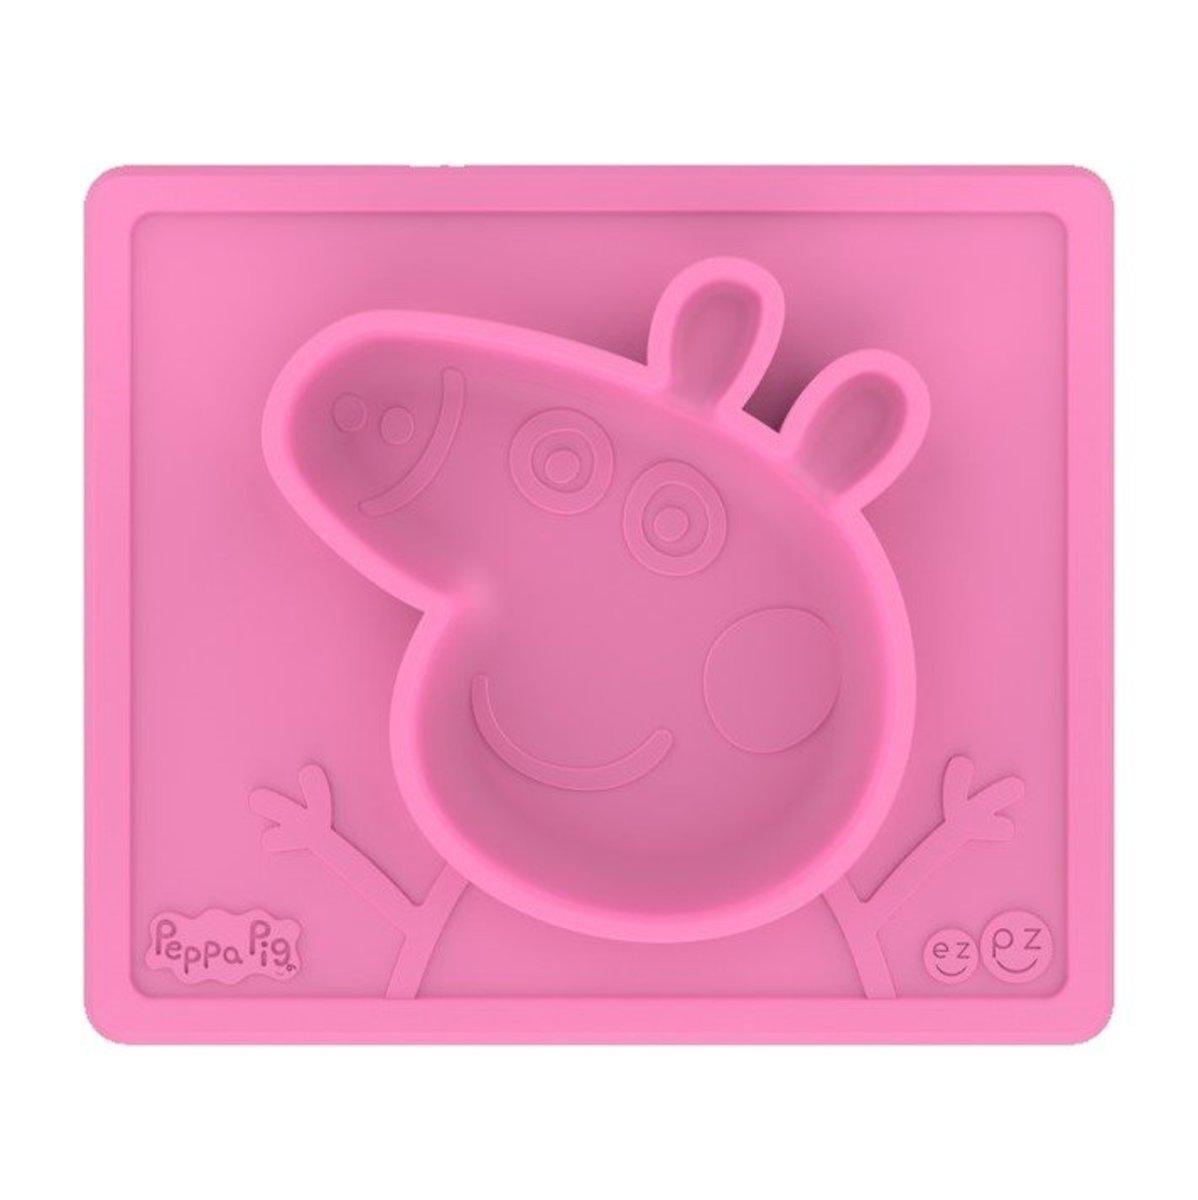 限量版 PEPPA PIG 造型枱墊+分隔碟 BLW 嬰兒主導進食 加固 餐墊